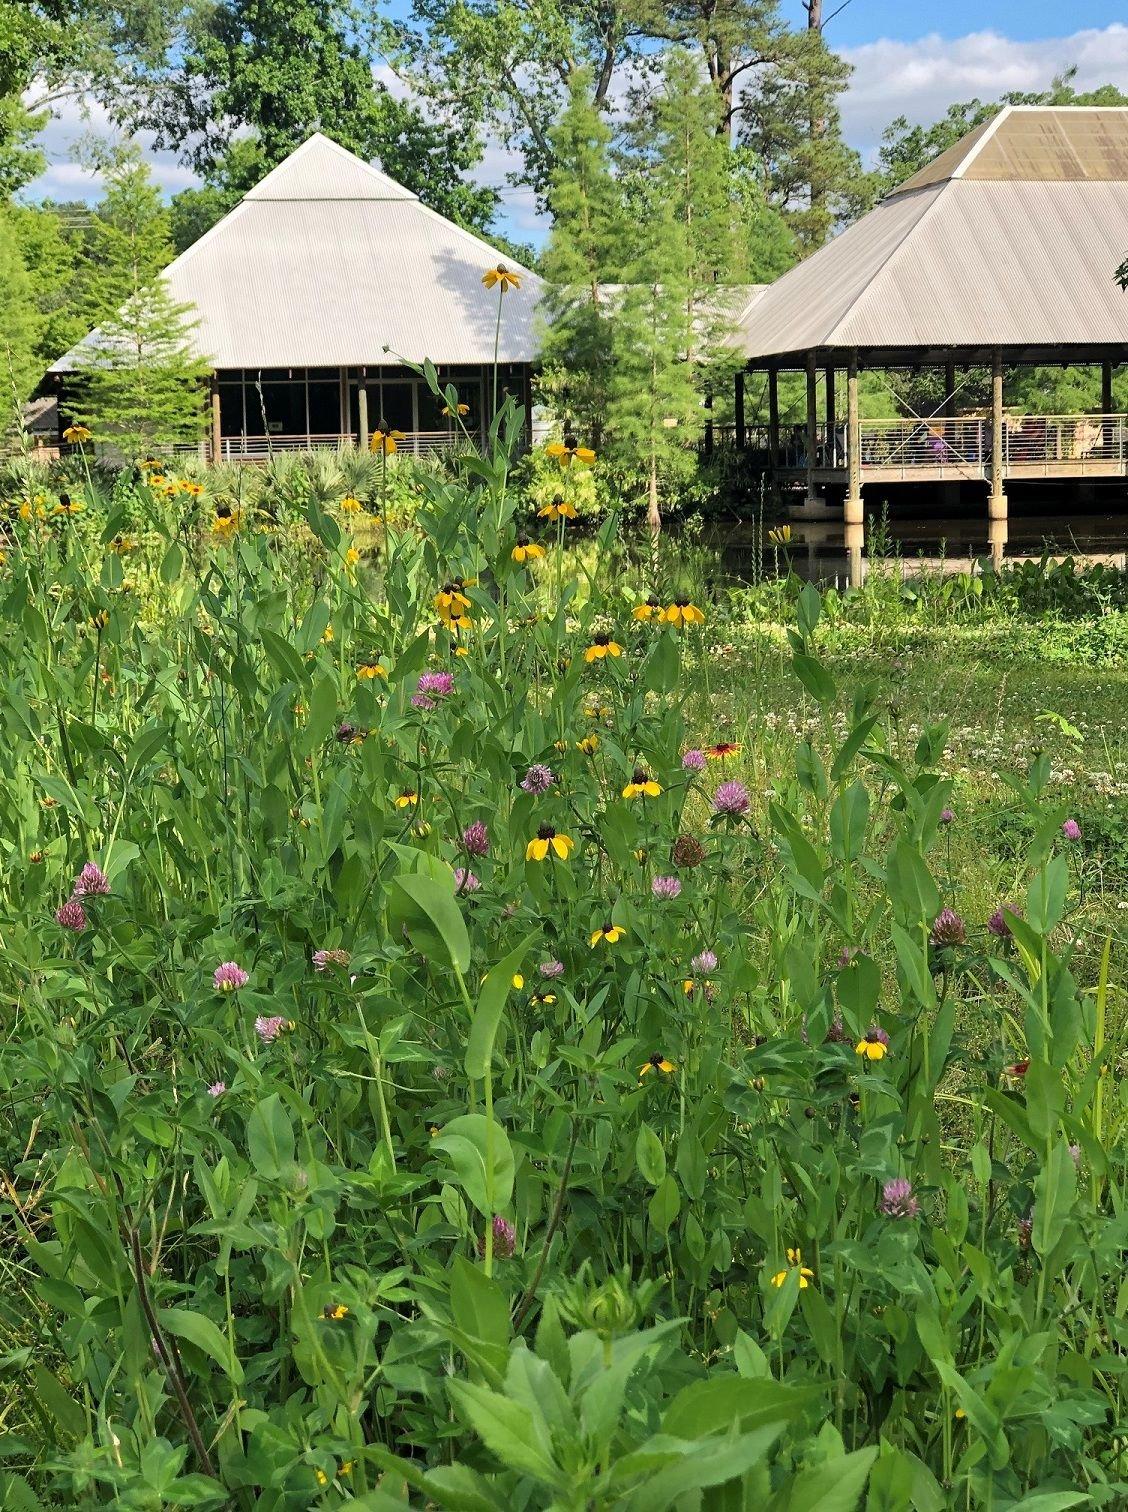 wildflowers at Hilltop.jpg